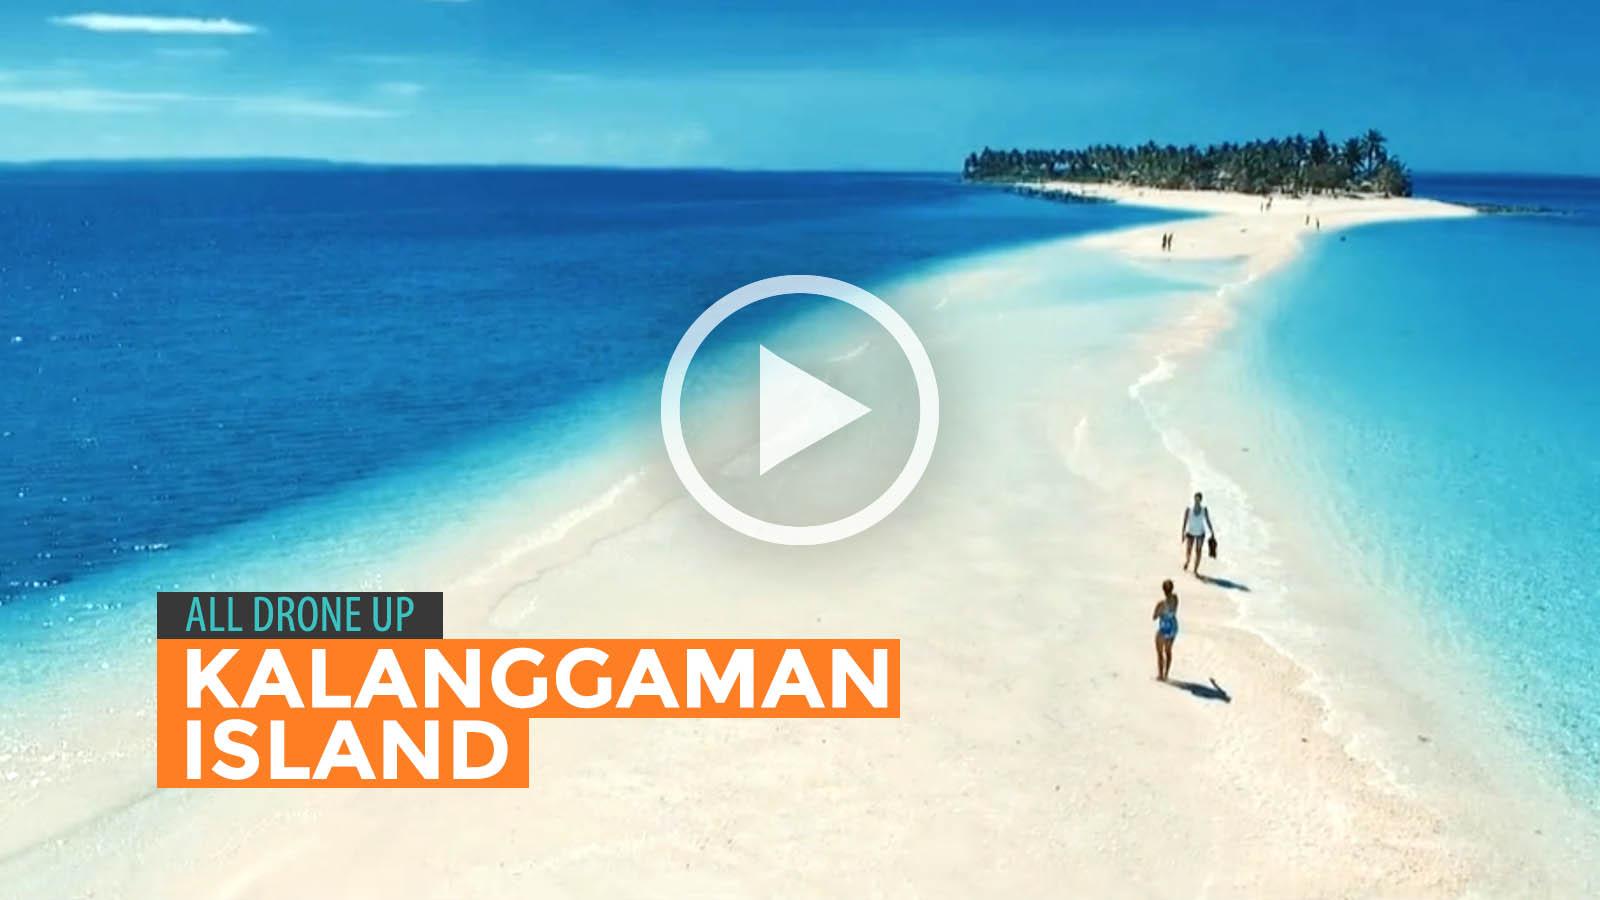 Kalanggaman Island Video